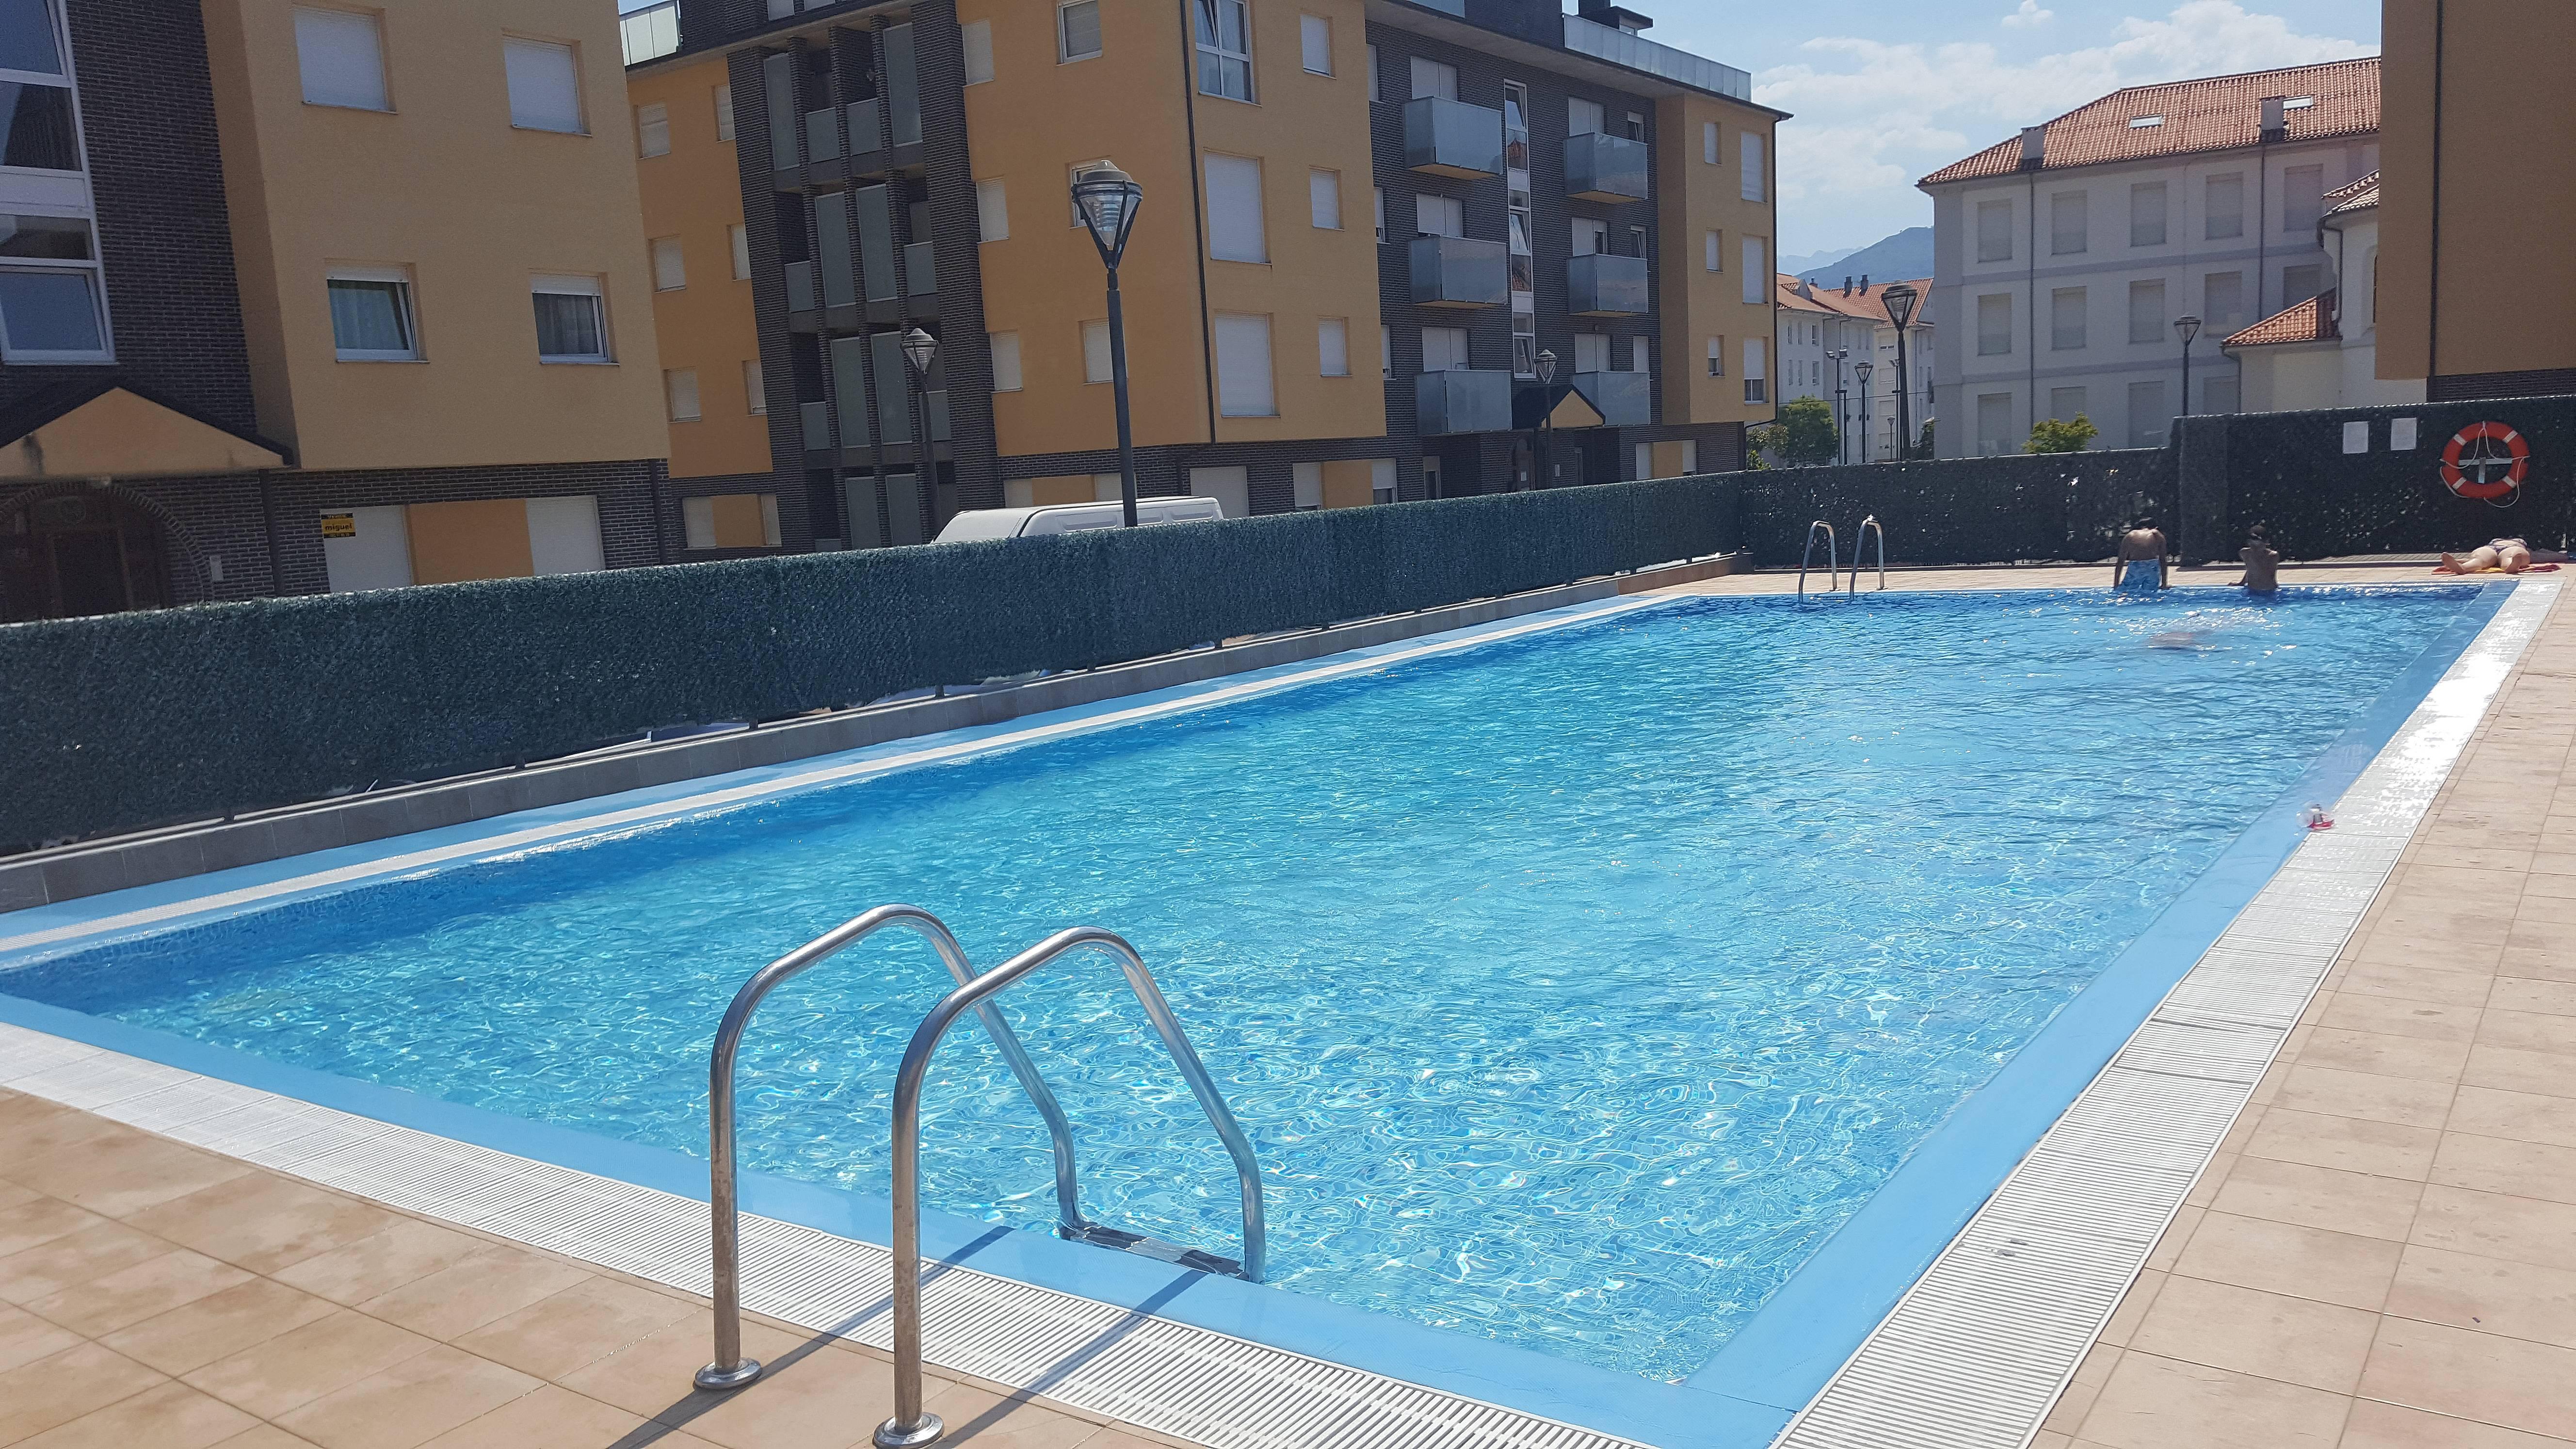 Formidable apartamento en unquera con piscina unquera - Piscinas en santander ...